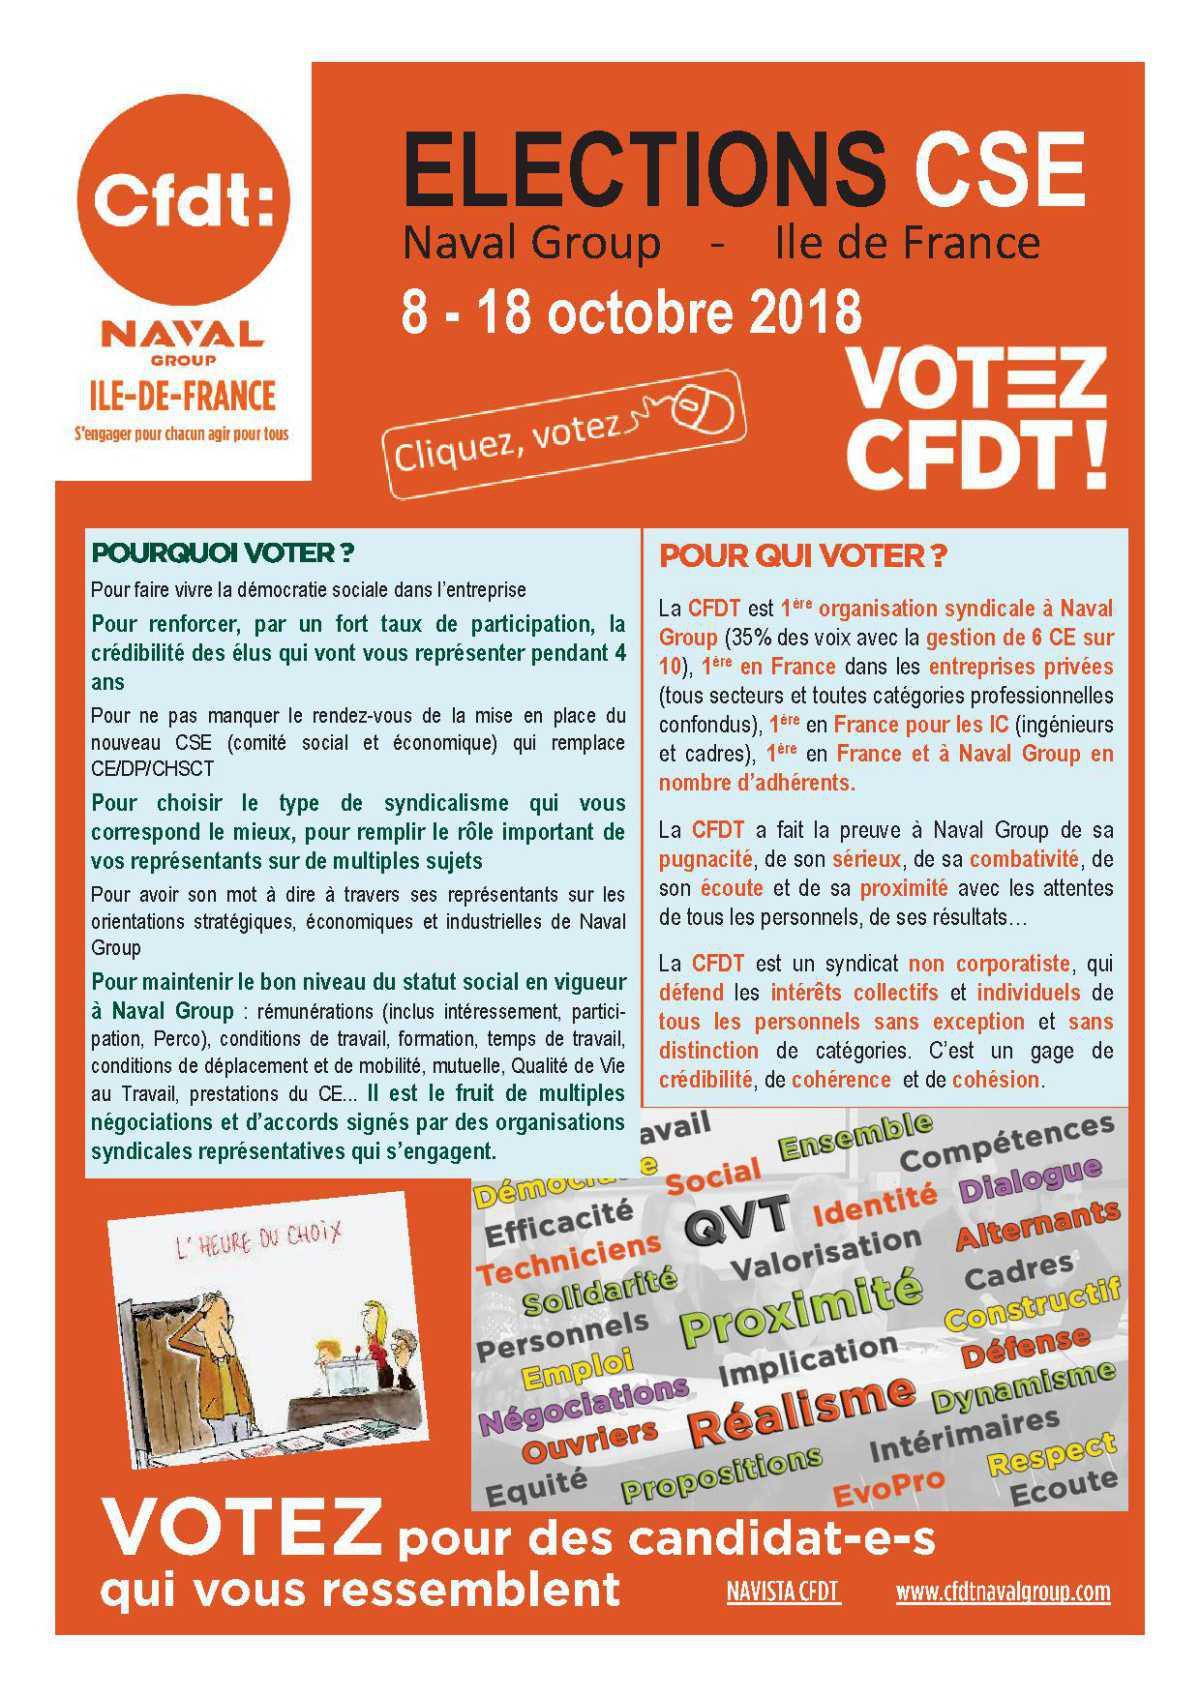 Les candidat-e-s CFDT en Ile-de-France